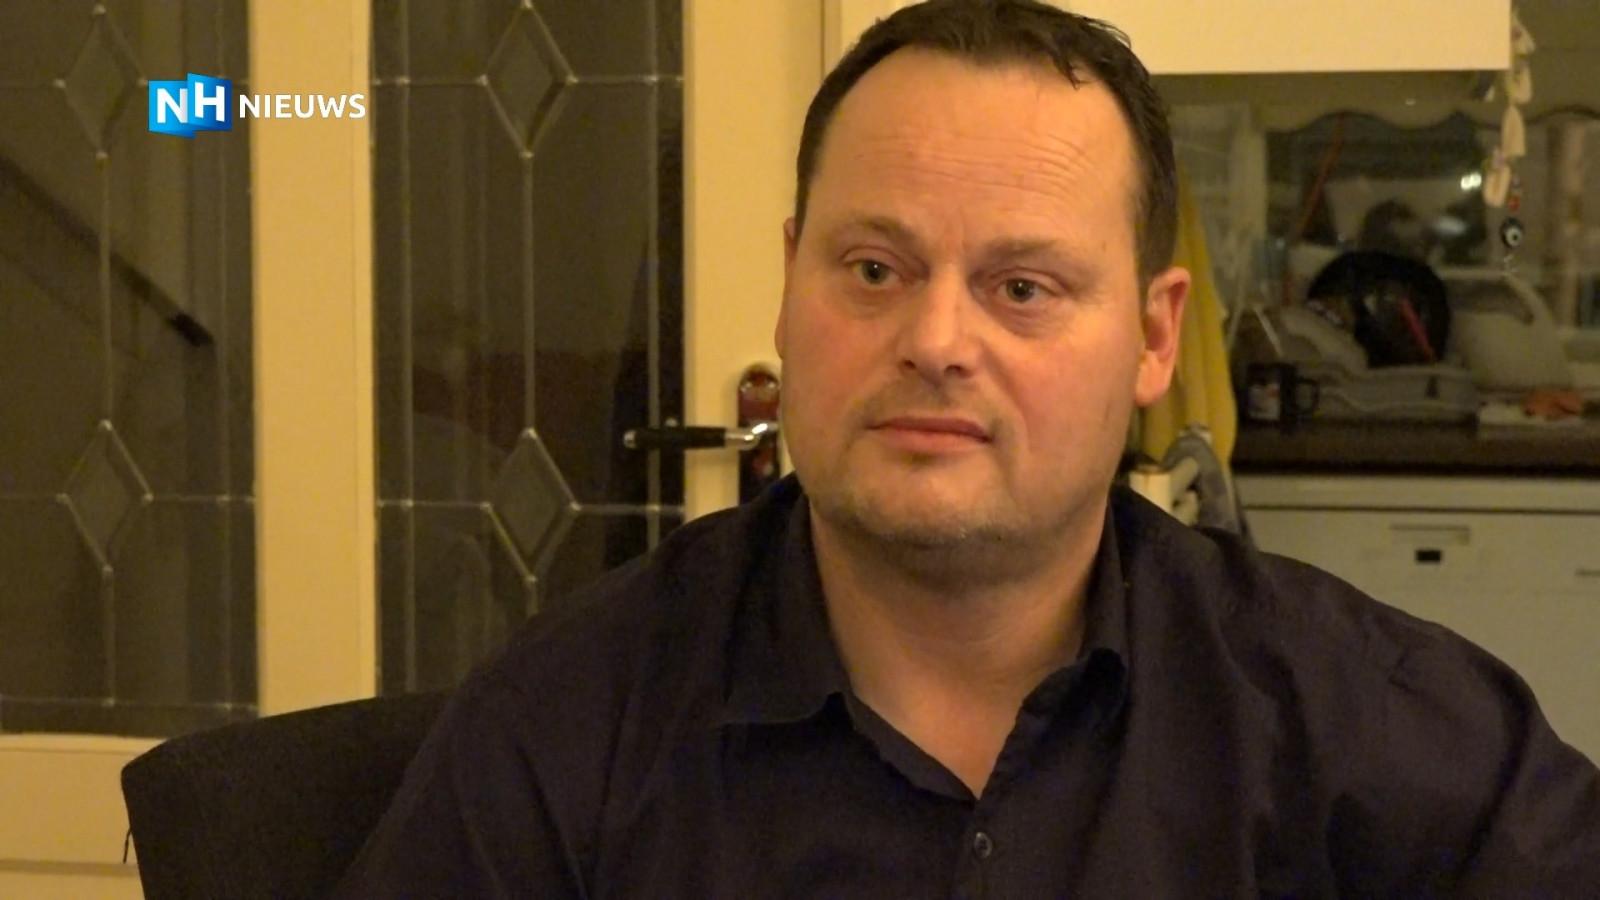 Michael Hoveling is de zoon van de omgekomen Willem Hoveling